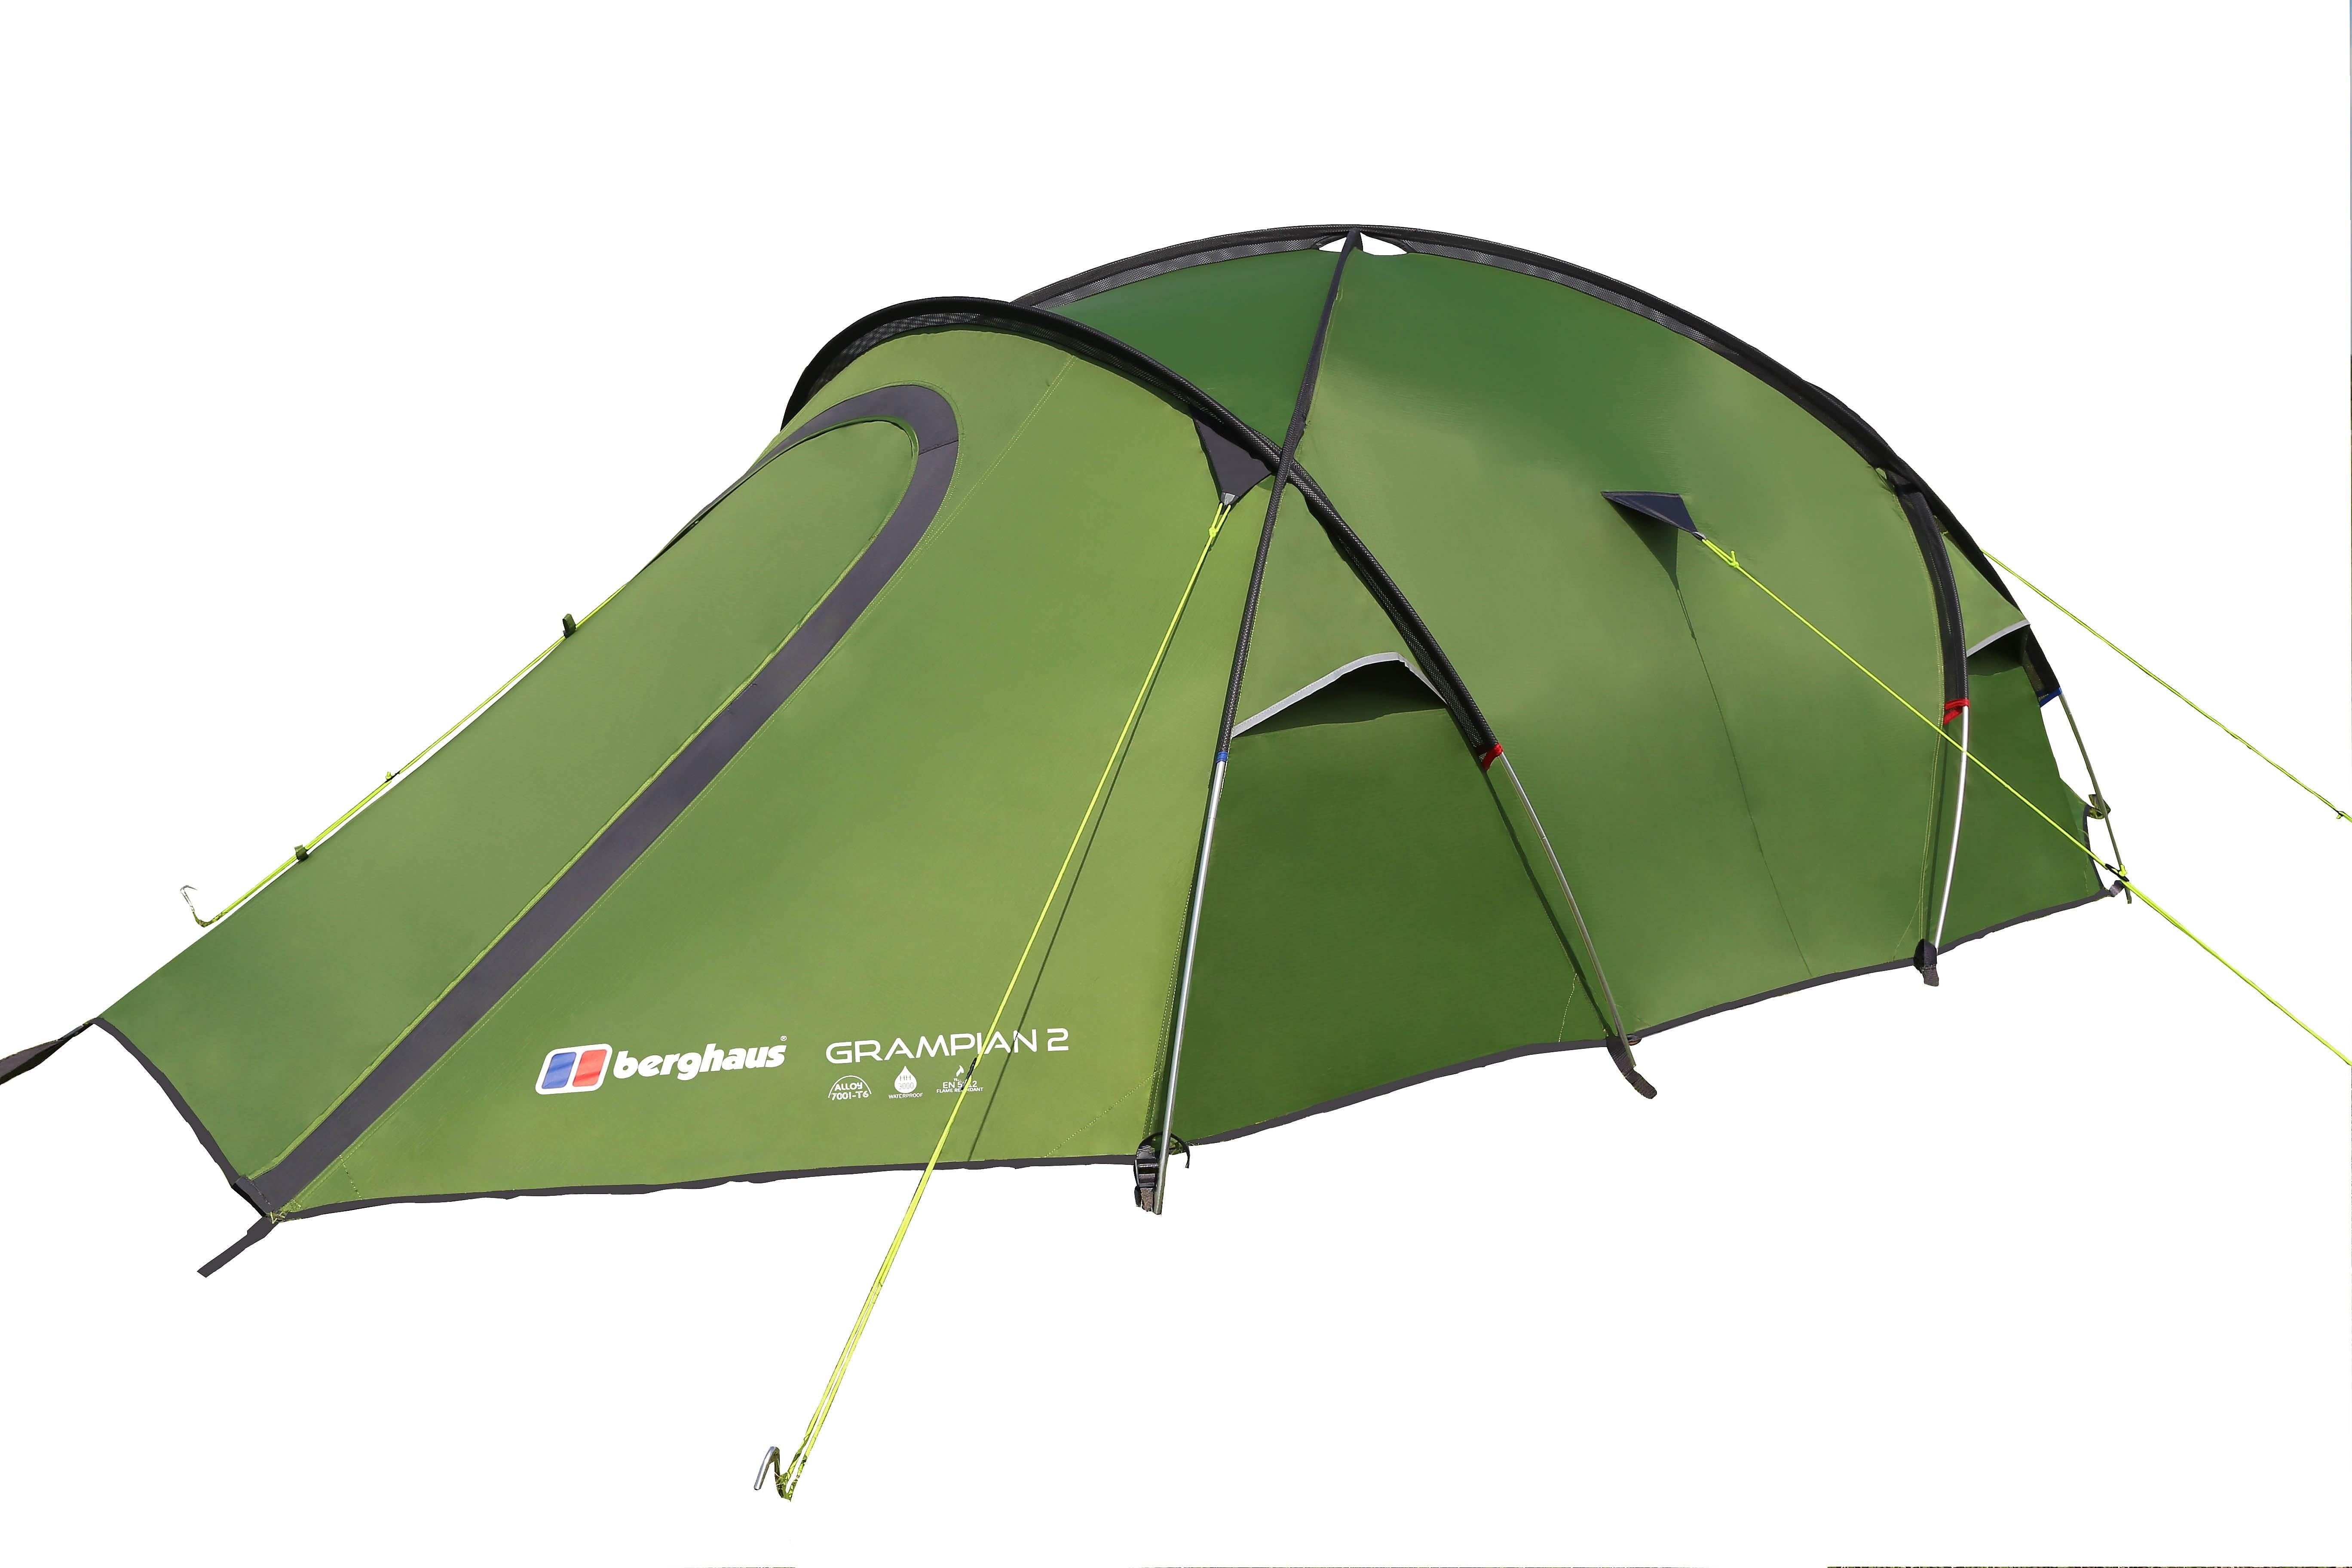 Berghaus Grampian 2- Man Tent